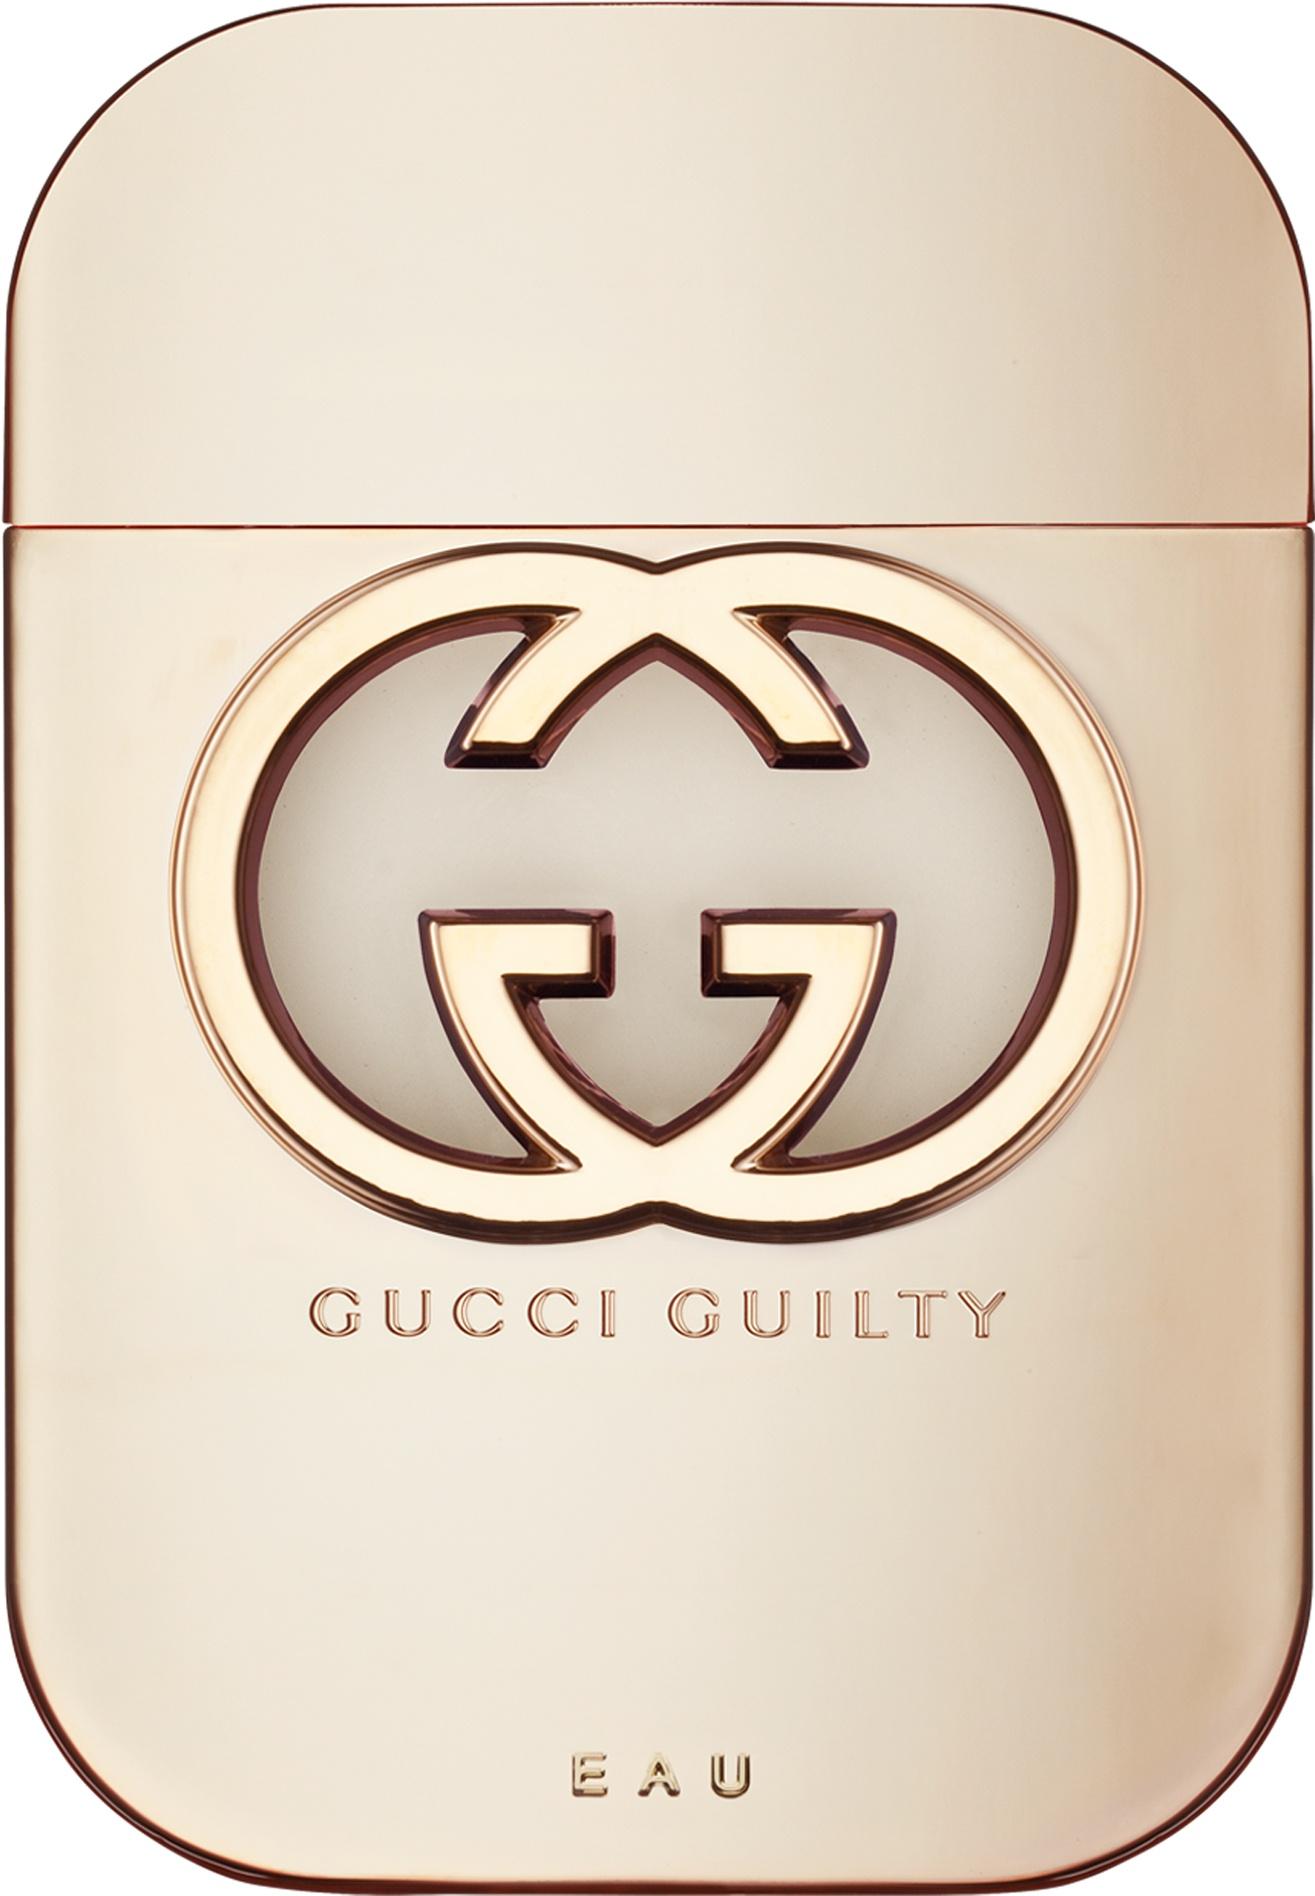 Gucci Guilty Eau EDT, 75 ml